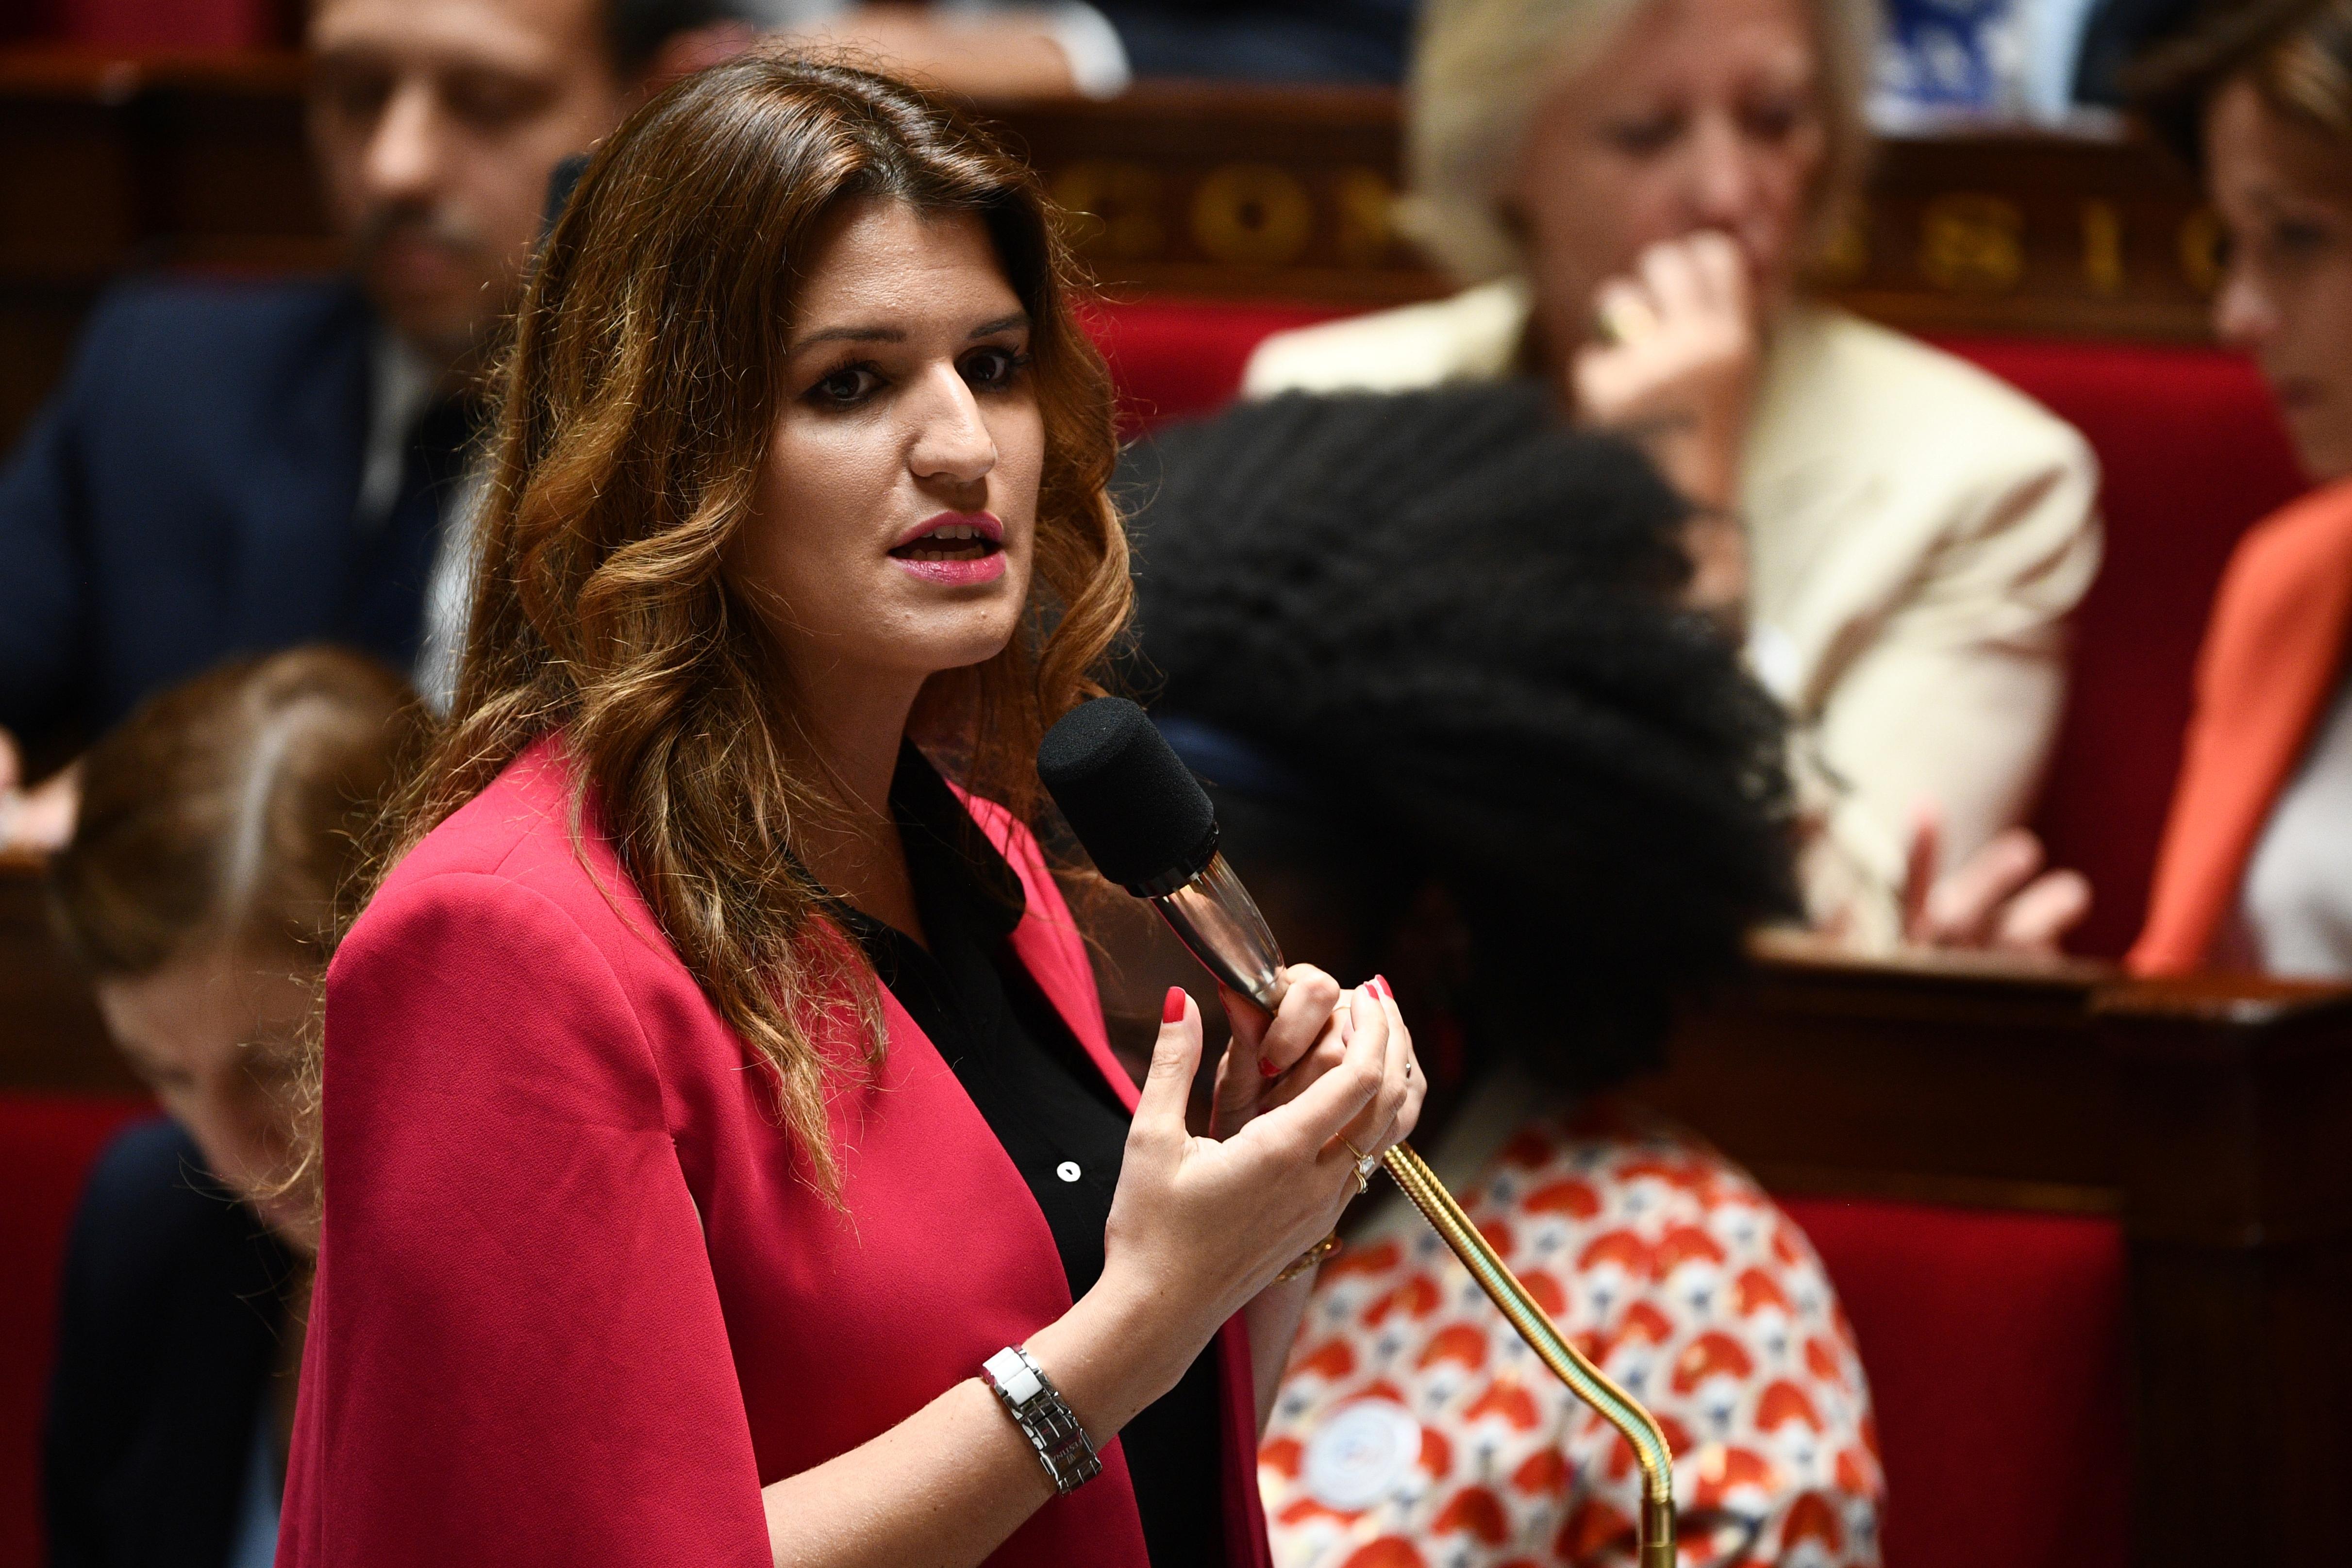 Marlène Schiappa en procès contre les gilets jaunes